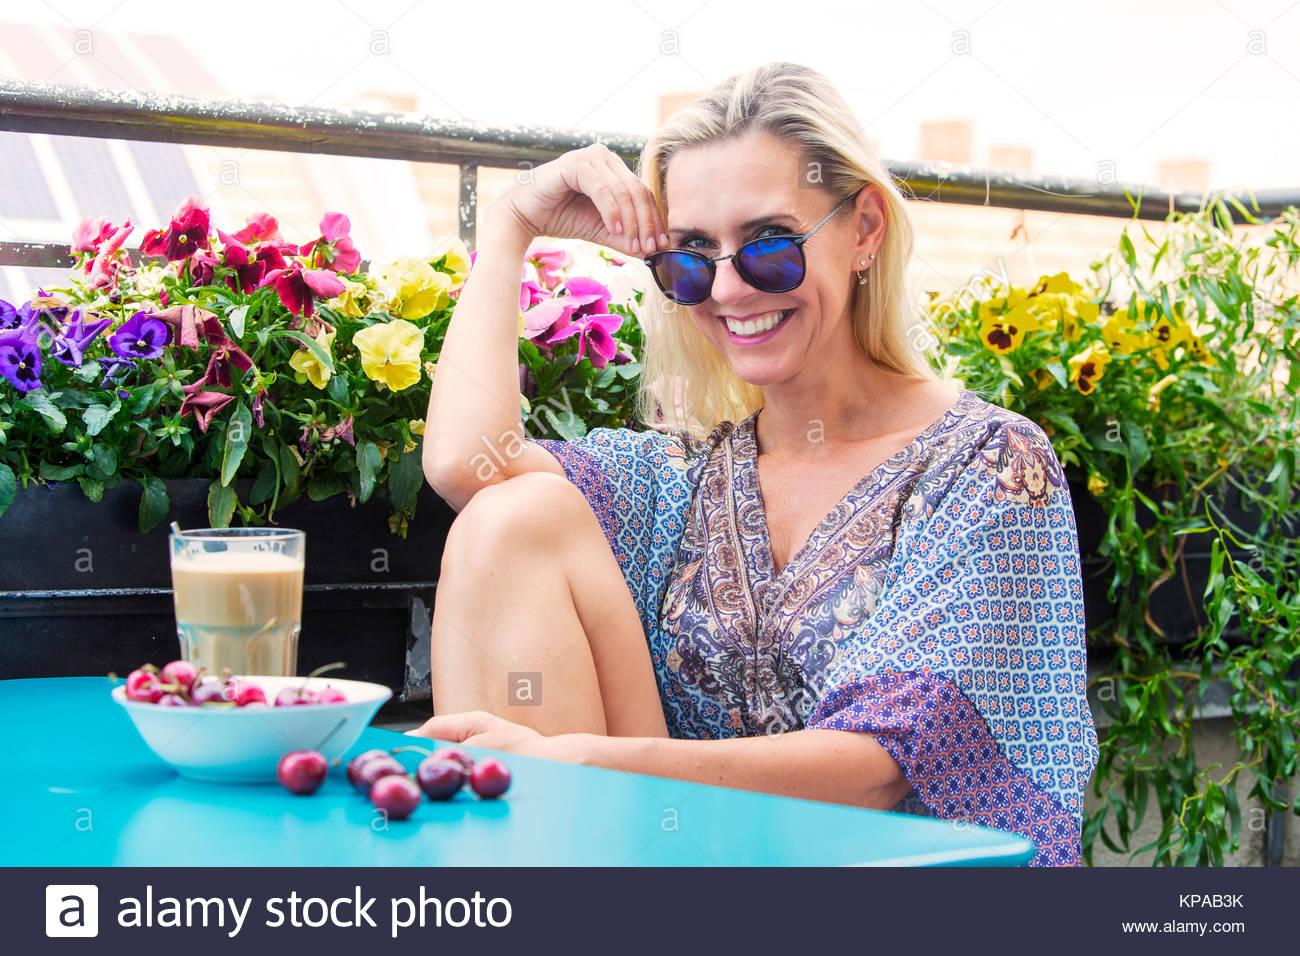 blonde frau sitzt auf dem balkon mit kaffee und kirschen stockfoto bild 168643991 alamy. Black Bedroom Furniture Sets. Home Design Ideas